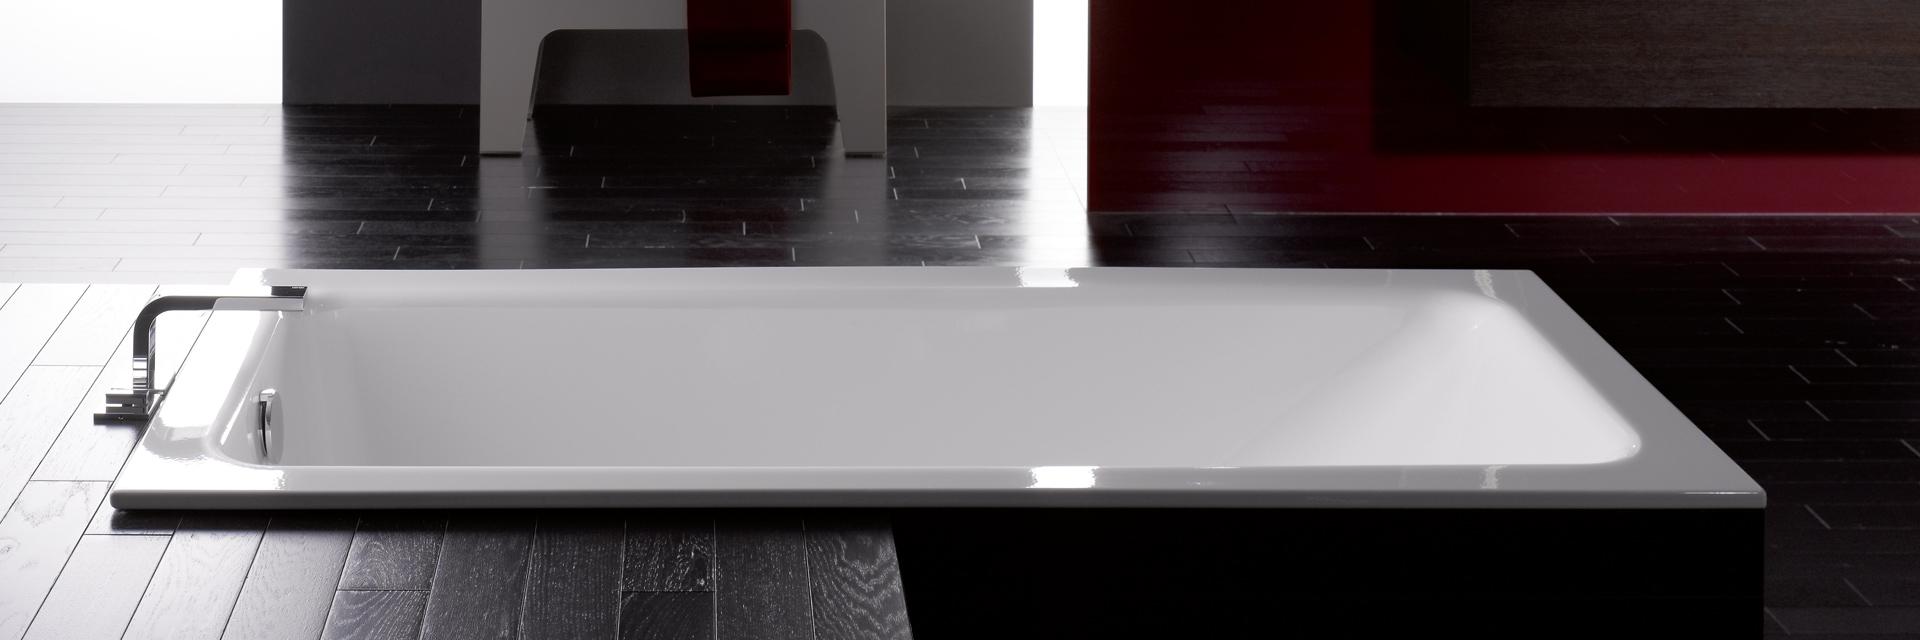 自由獨立的豪華浴室,小空間解決方案